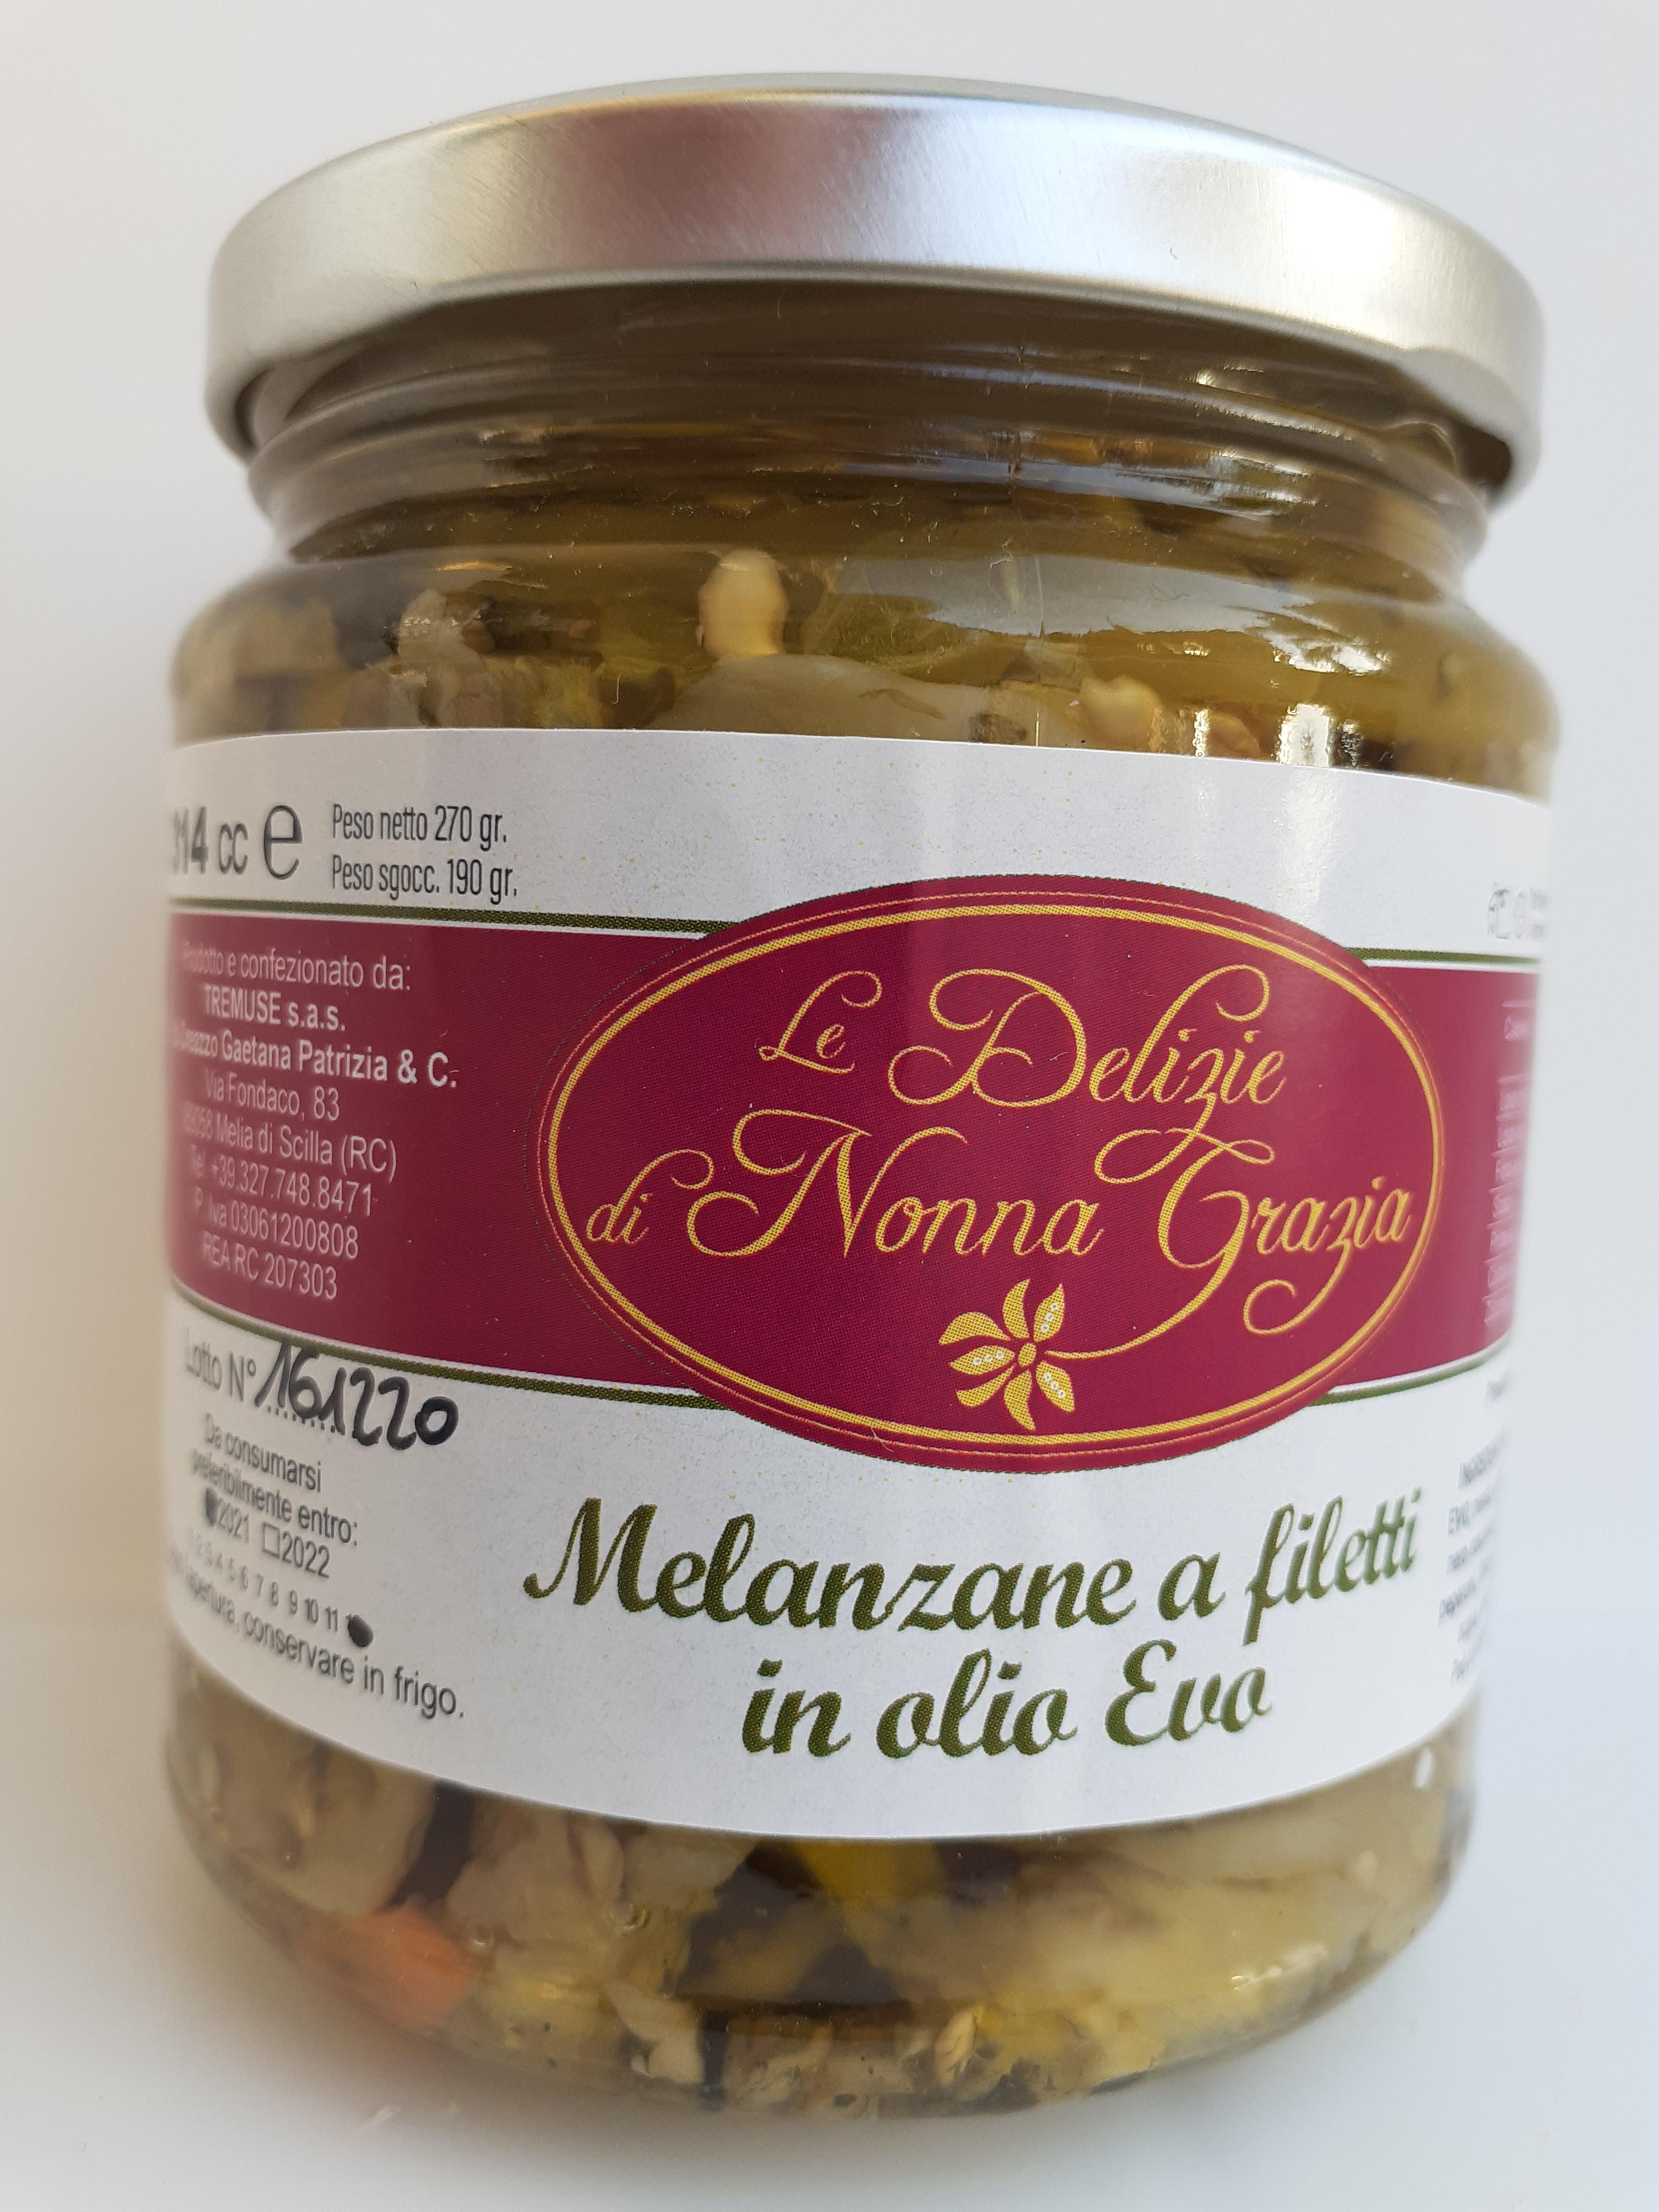 Melenzane a Filetti in olio Evo peso netto 270 gr Tremuse Melia di Scilla (RC)